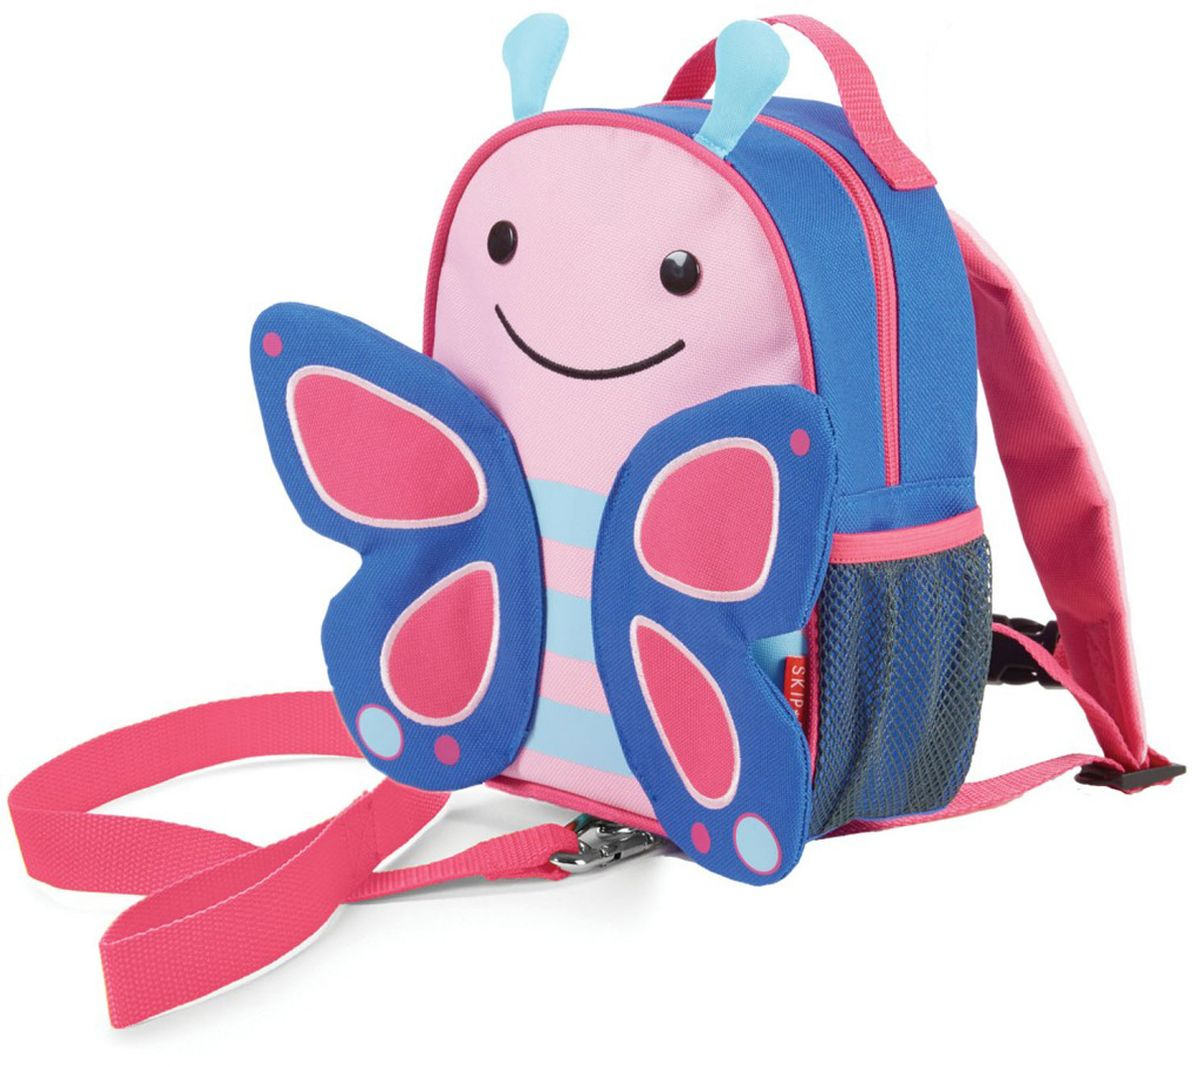 Skip Hop Рюкзак дошкольный Бабочка с поводком226397Дошкольный рюкзак Skip Hop, выполненный в виде бабочки, поможет сделать первые шаги, подстрахует малыша в ответственный момент, огородит родителей от лишних волнений и беспокойств с помощью поводка для детской безопасности. При необходимости поводок можно отстегнуть.Милая мордашка животного всегда будет поднимать настроение, а вместительный кармашек позволит носить с собой необходимые вещи: пакетик с соком, любимые игрушки и блокноты для рисования.Рюкзак имеет одно отделение на застежке-молнии, в котором находится бирка для имени.